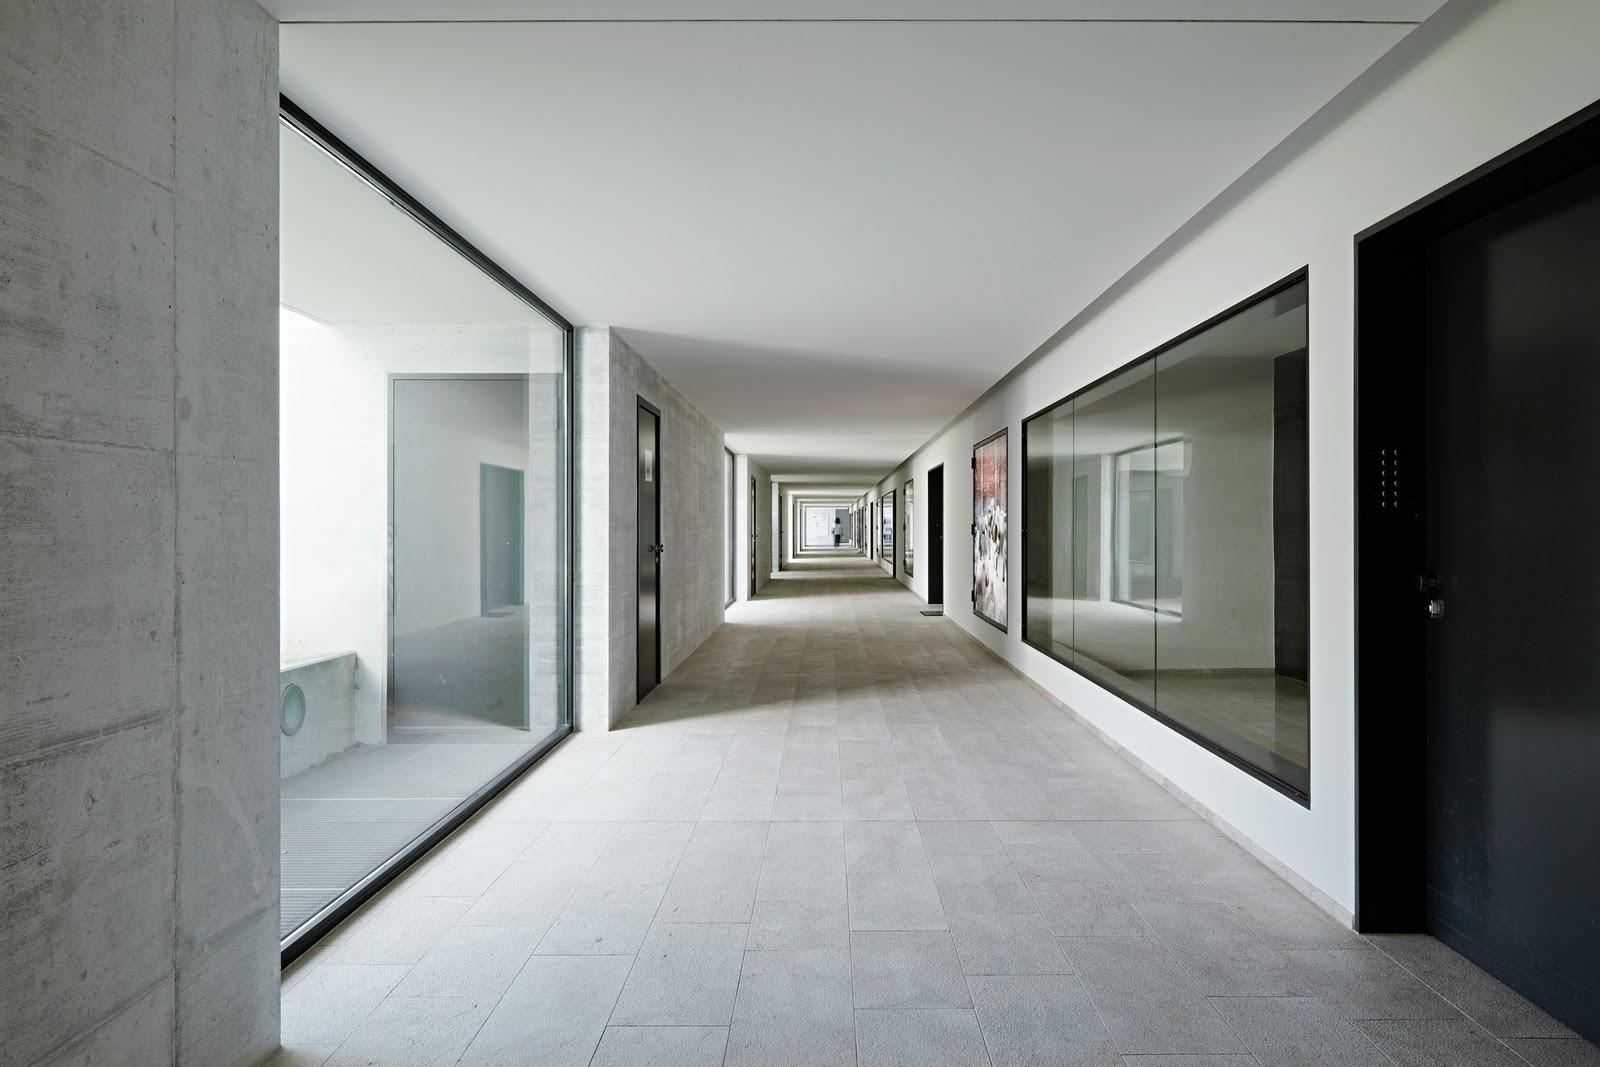 Arch plus 355 residential complex in the paul clairmont strasse zurich gmur steib - Gmur architekten ...